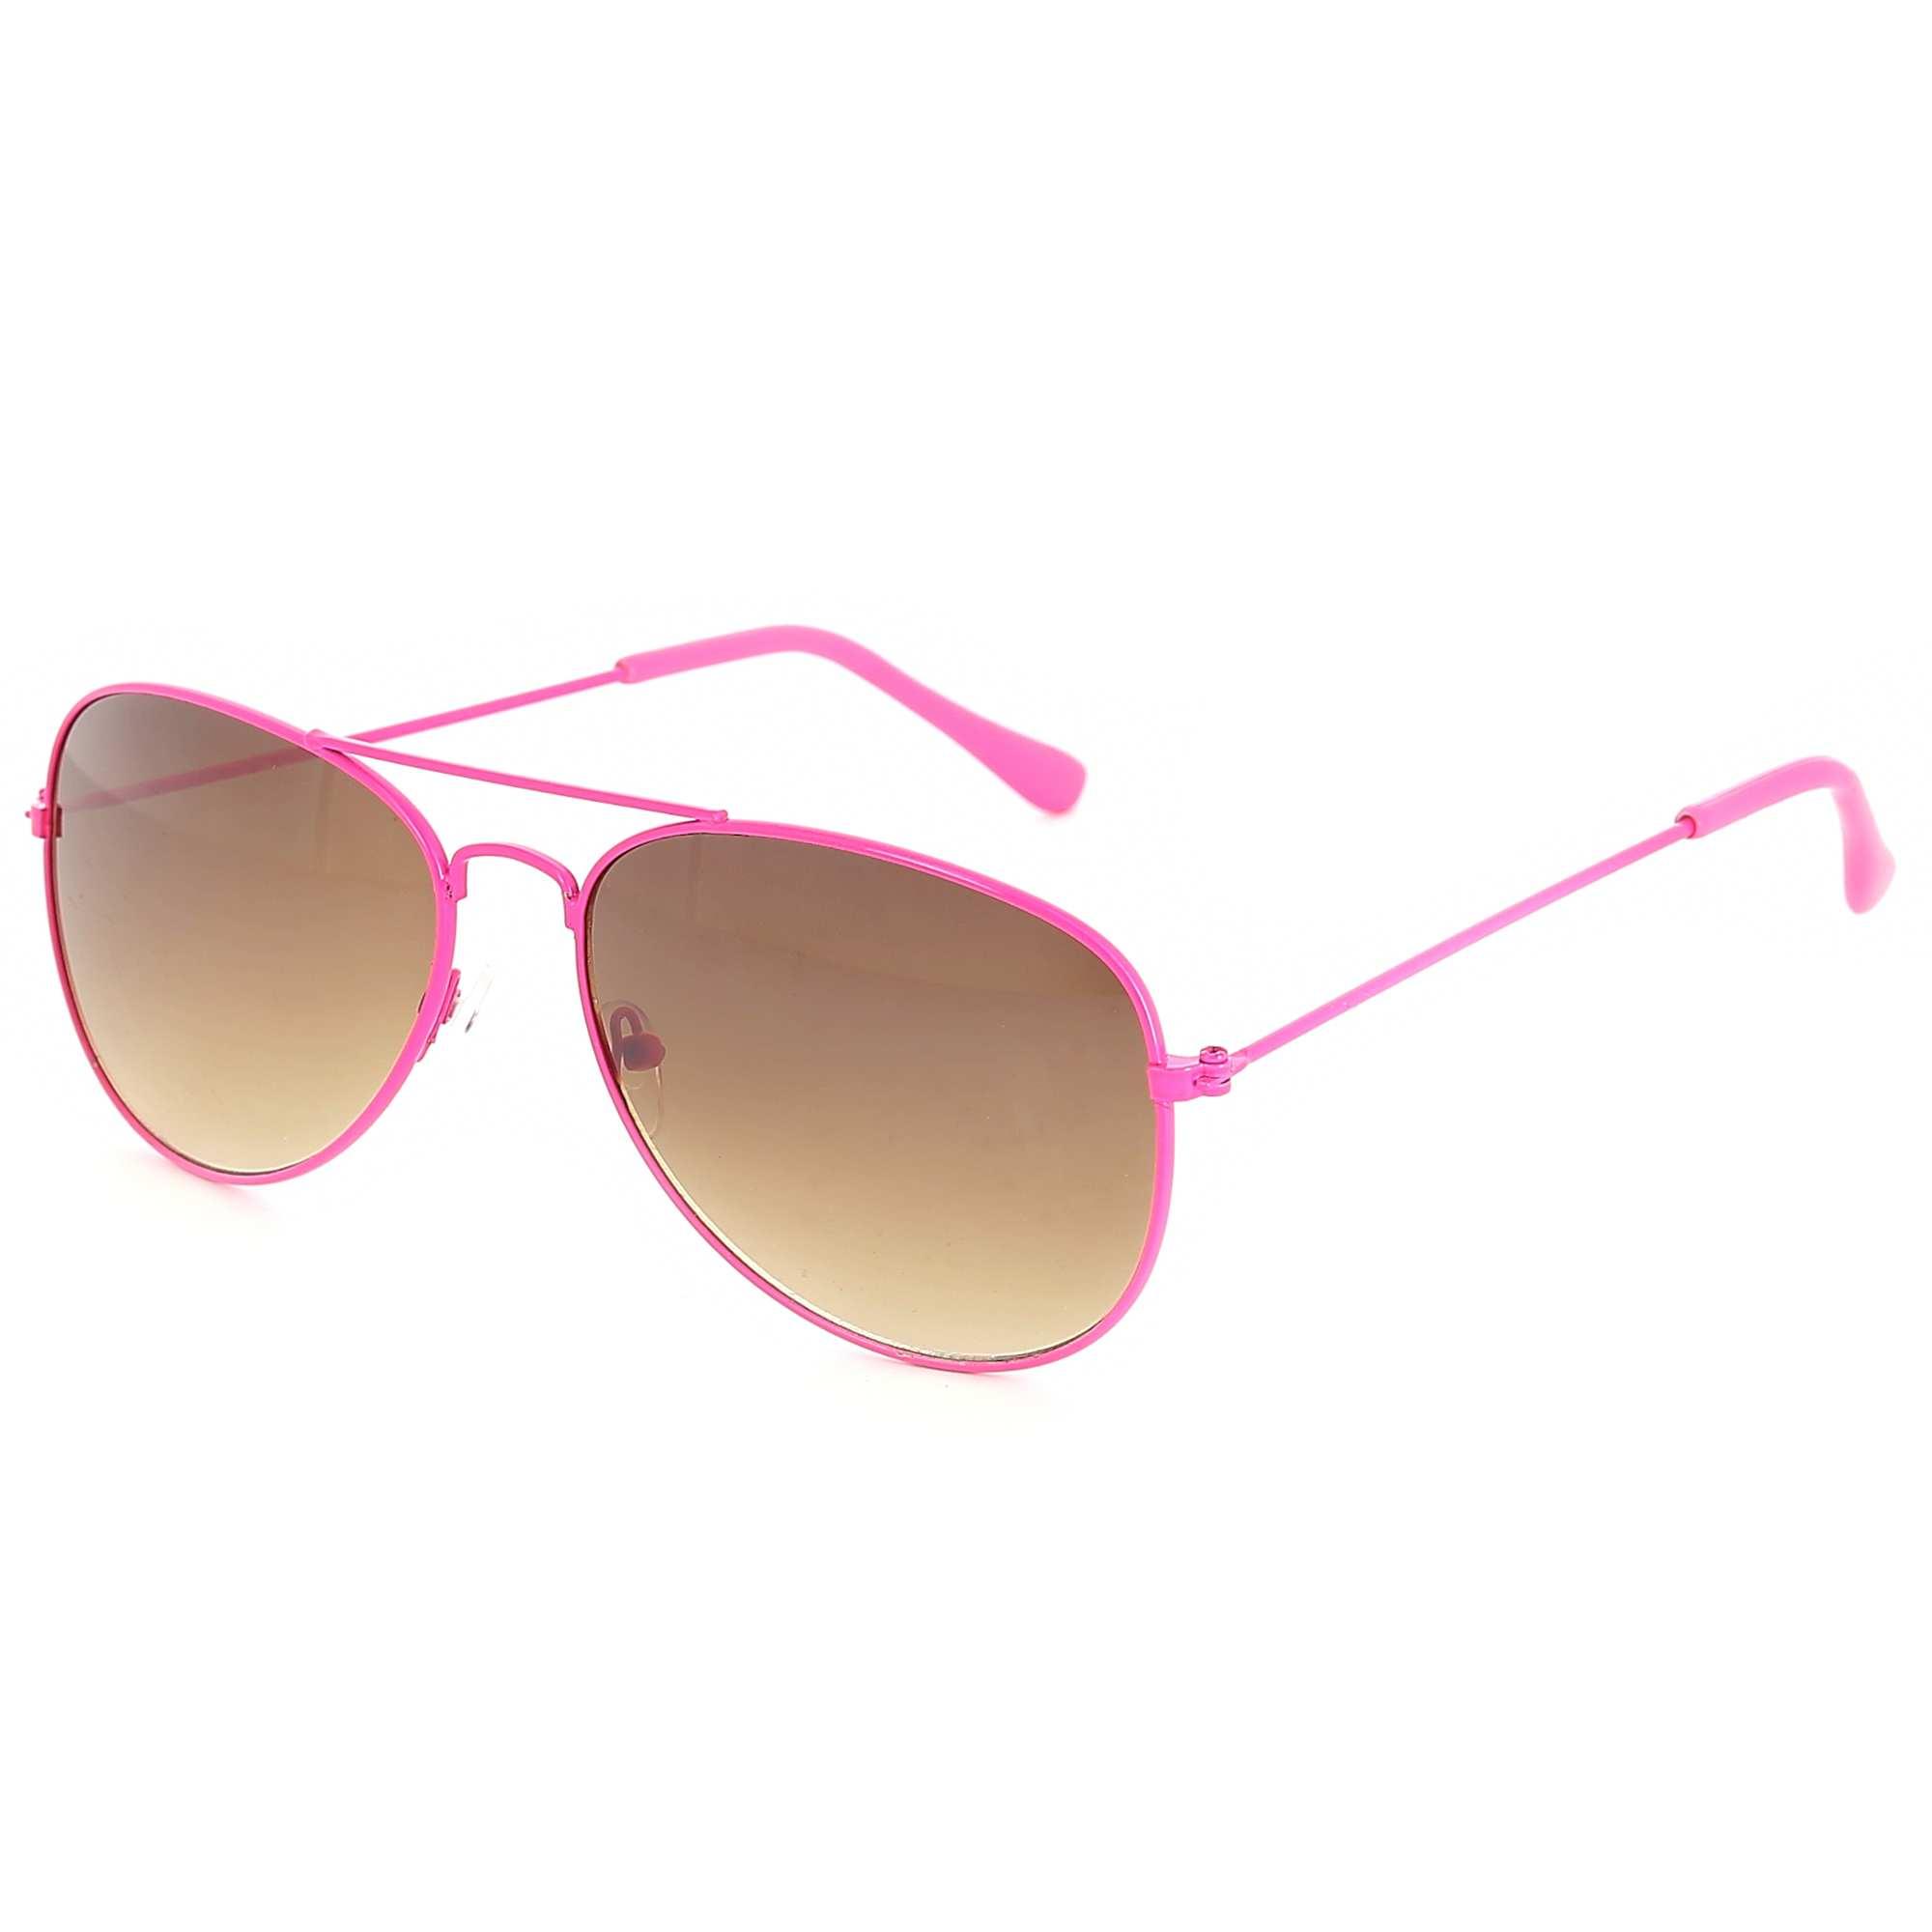 Couleur : rose, , ,, - Taille : TU, , ,,La touche fluo par excellence ! - Lunettes forme aviateur - Couleur néon rose -